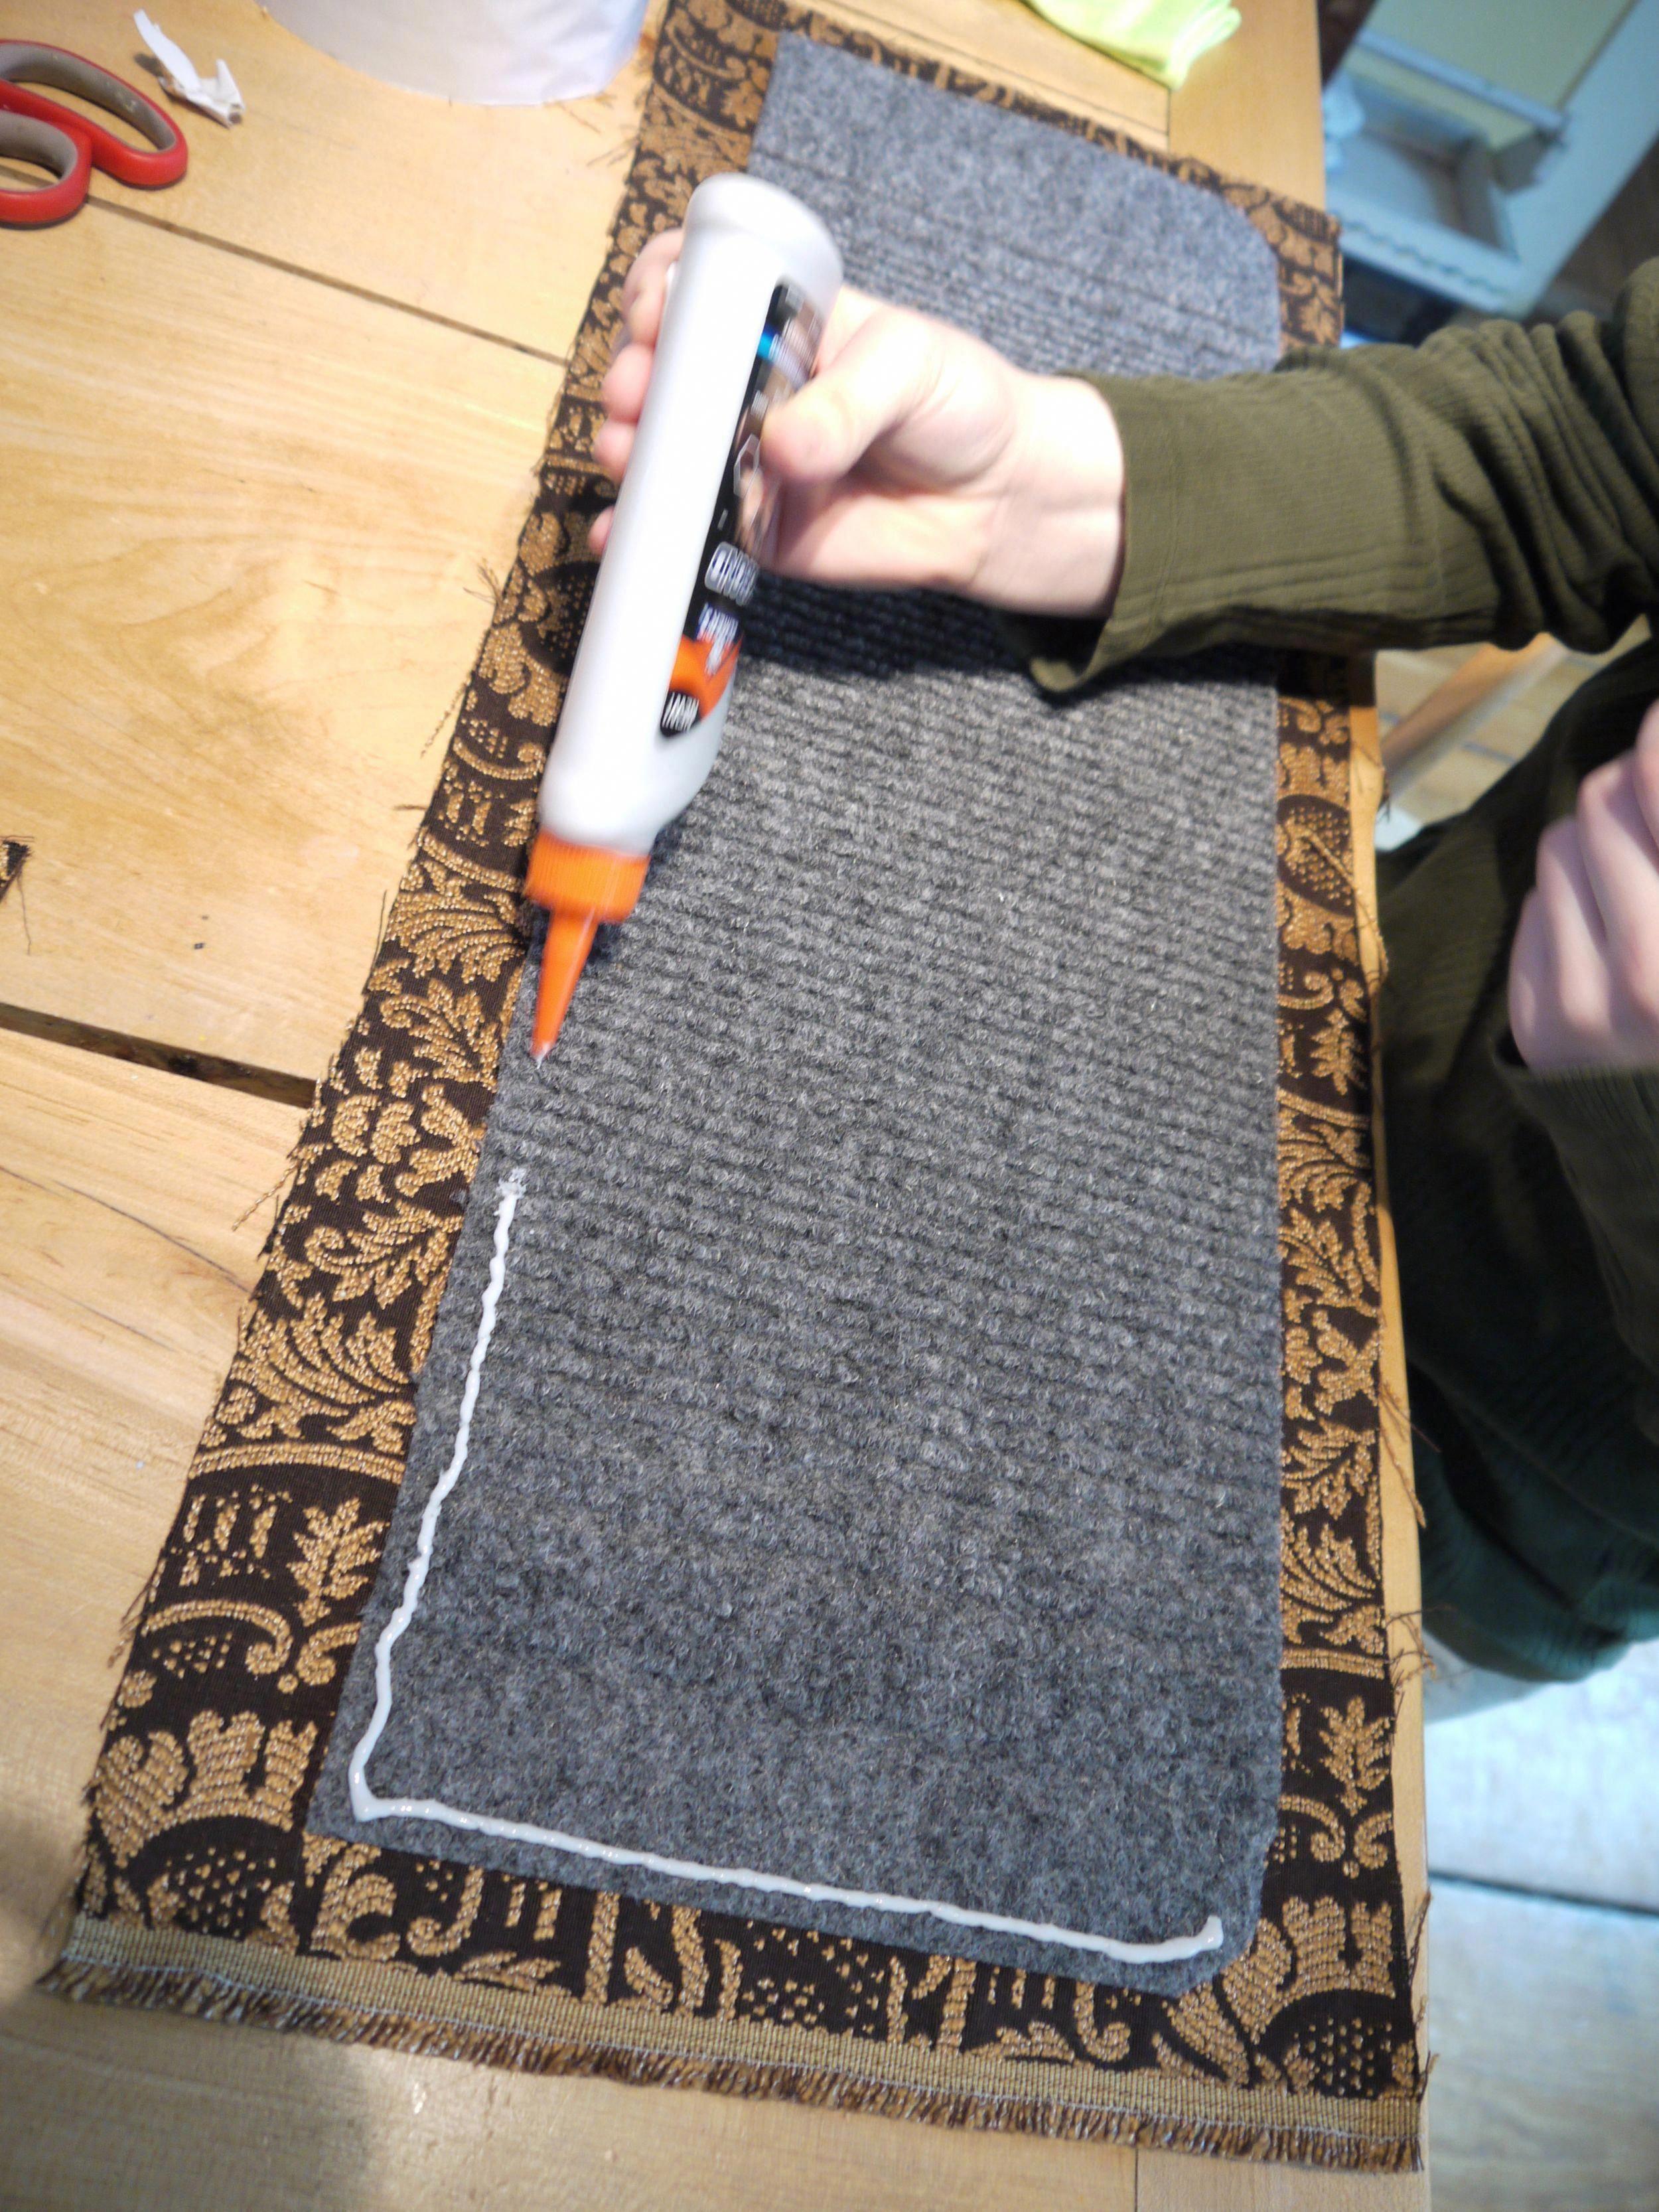 Best Carpets And Flooring Near Me Carpetrunnersbythefoot 400 x 300